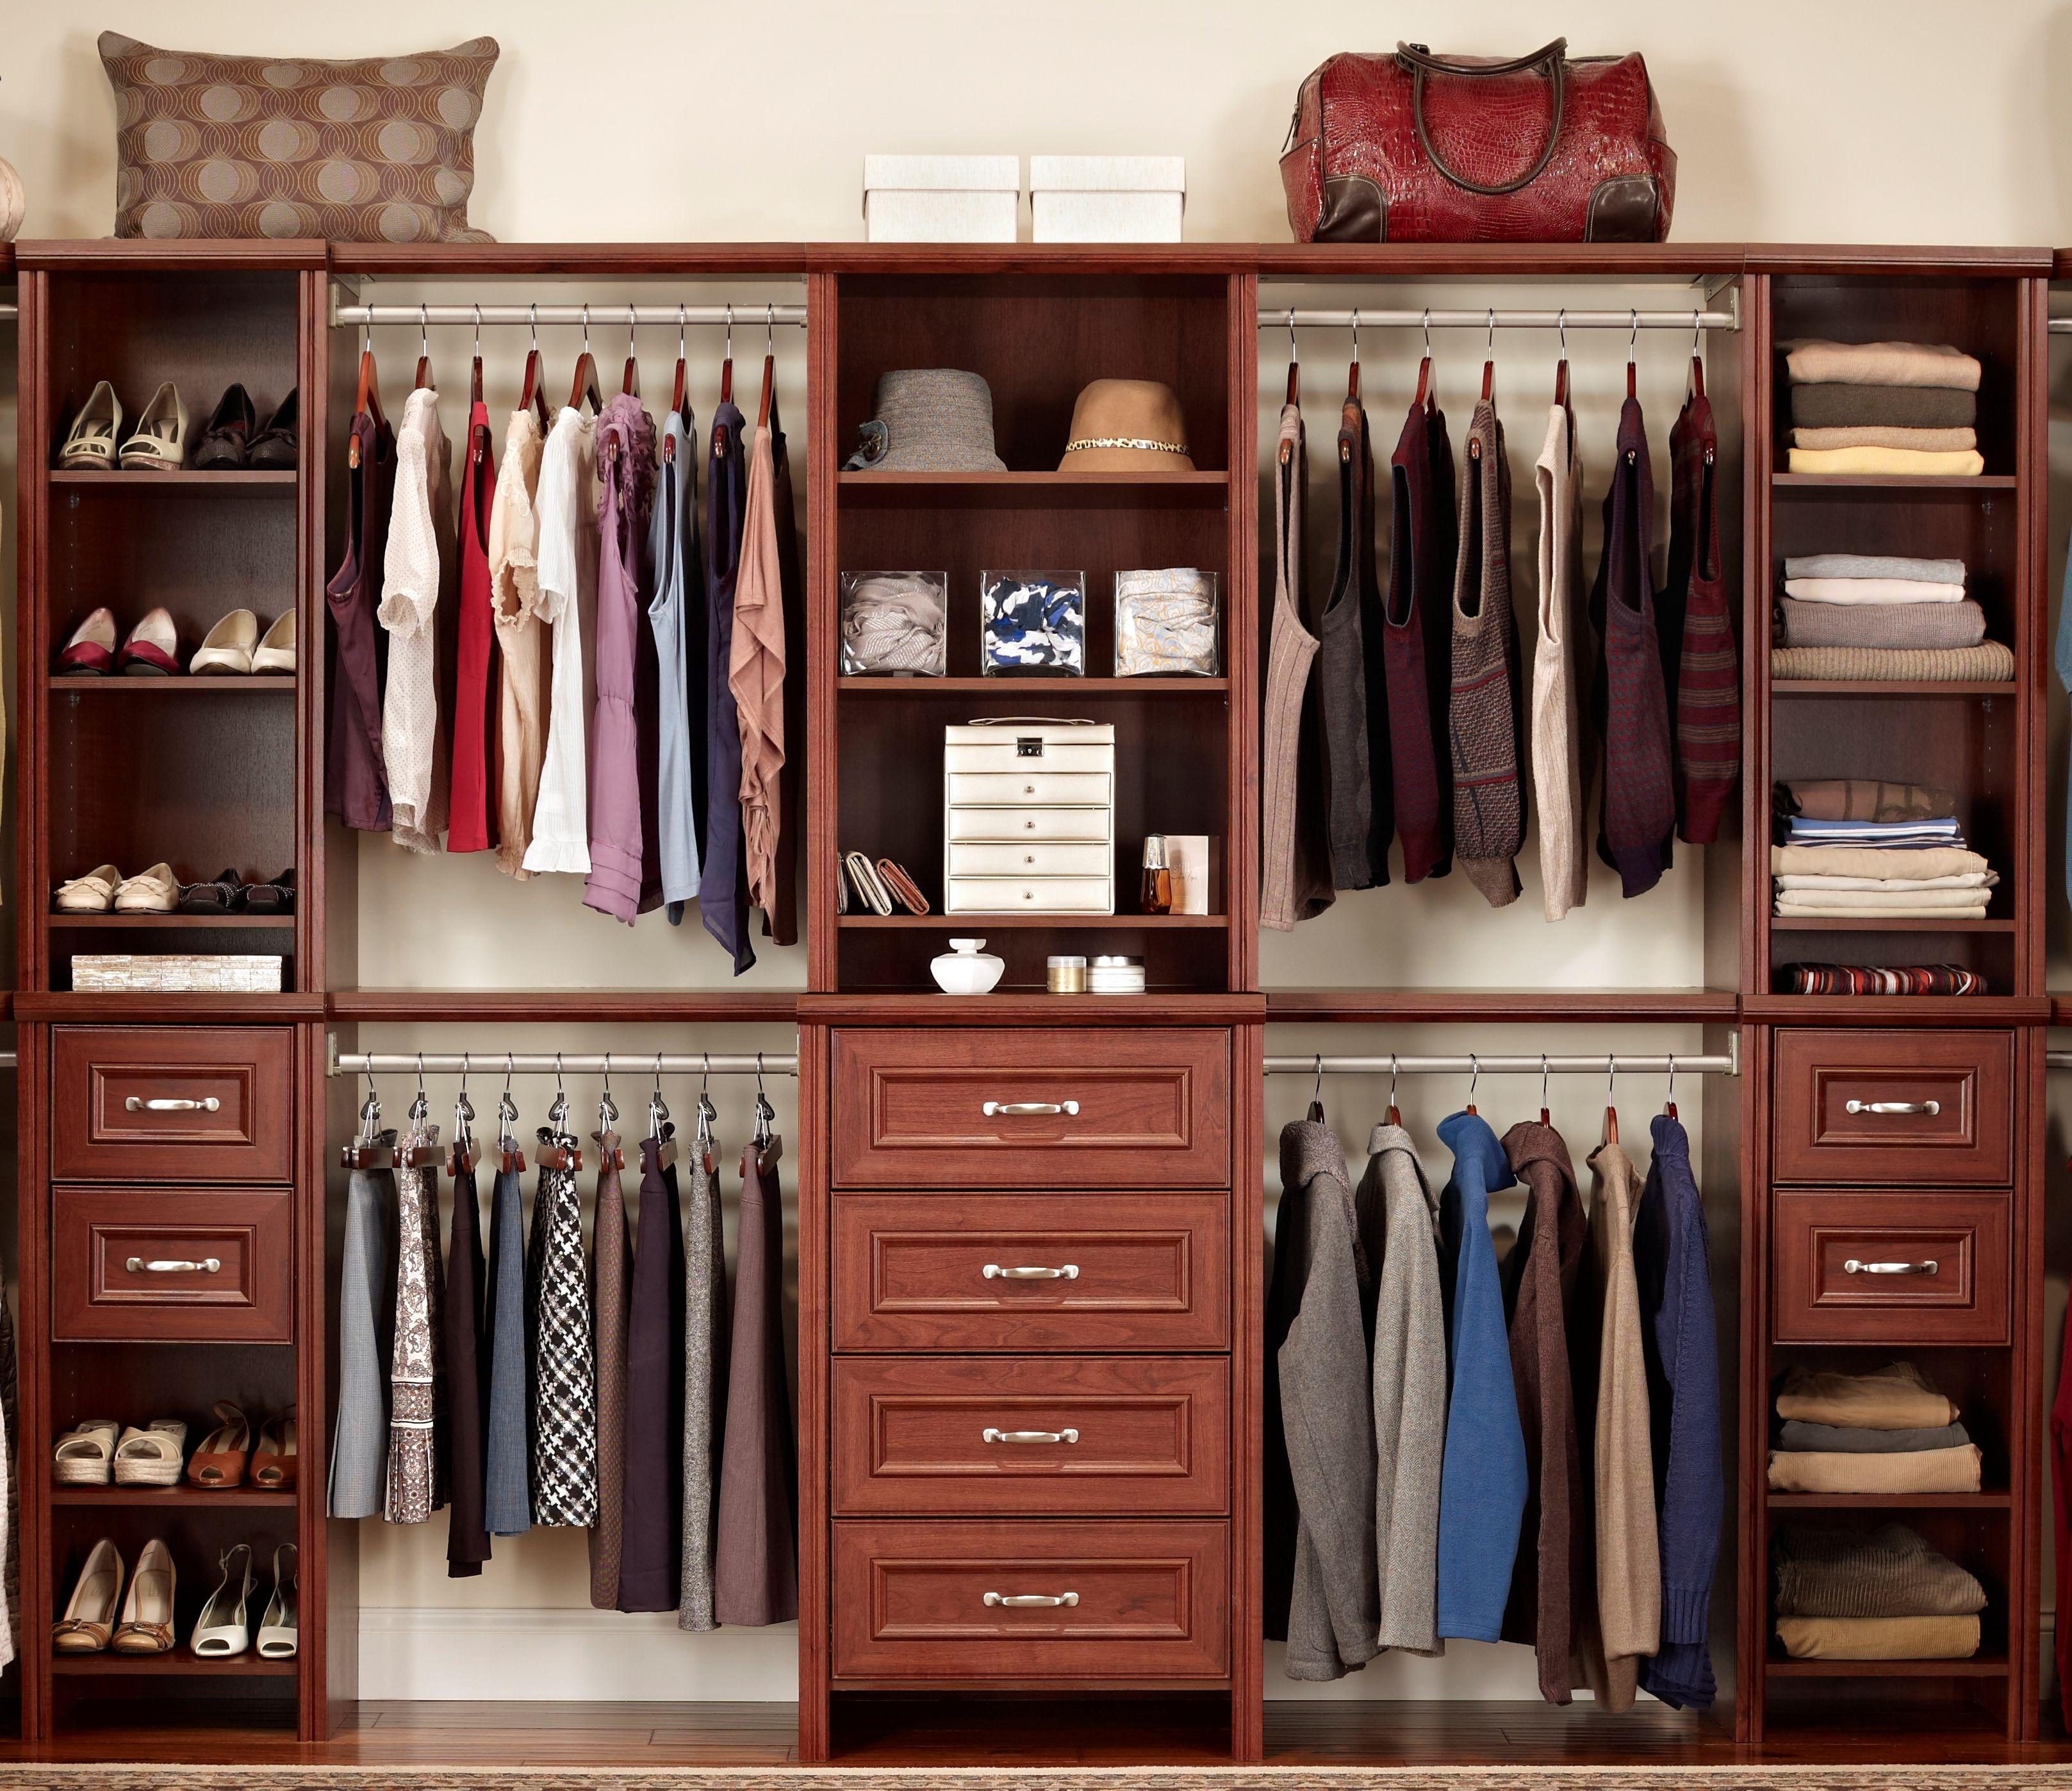 Closet Systems For Men Home Depot Closet Closet Kits Home